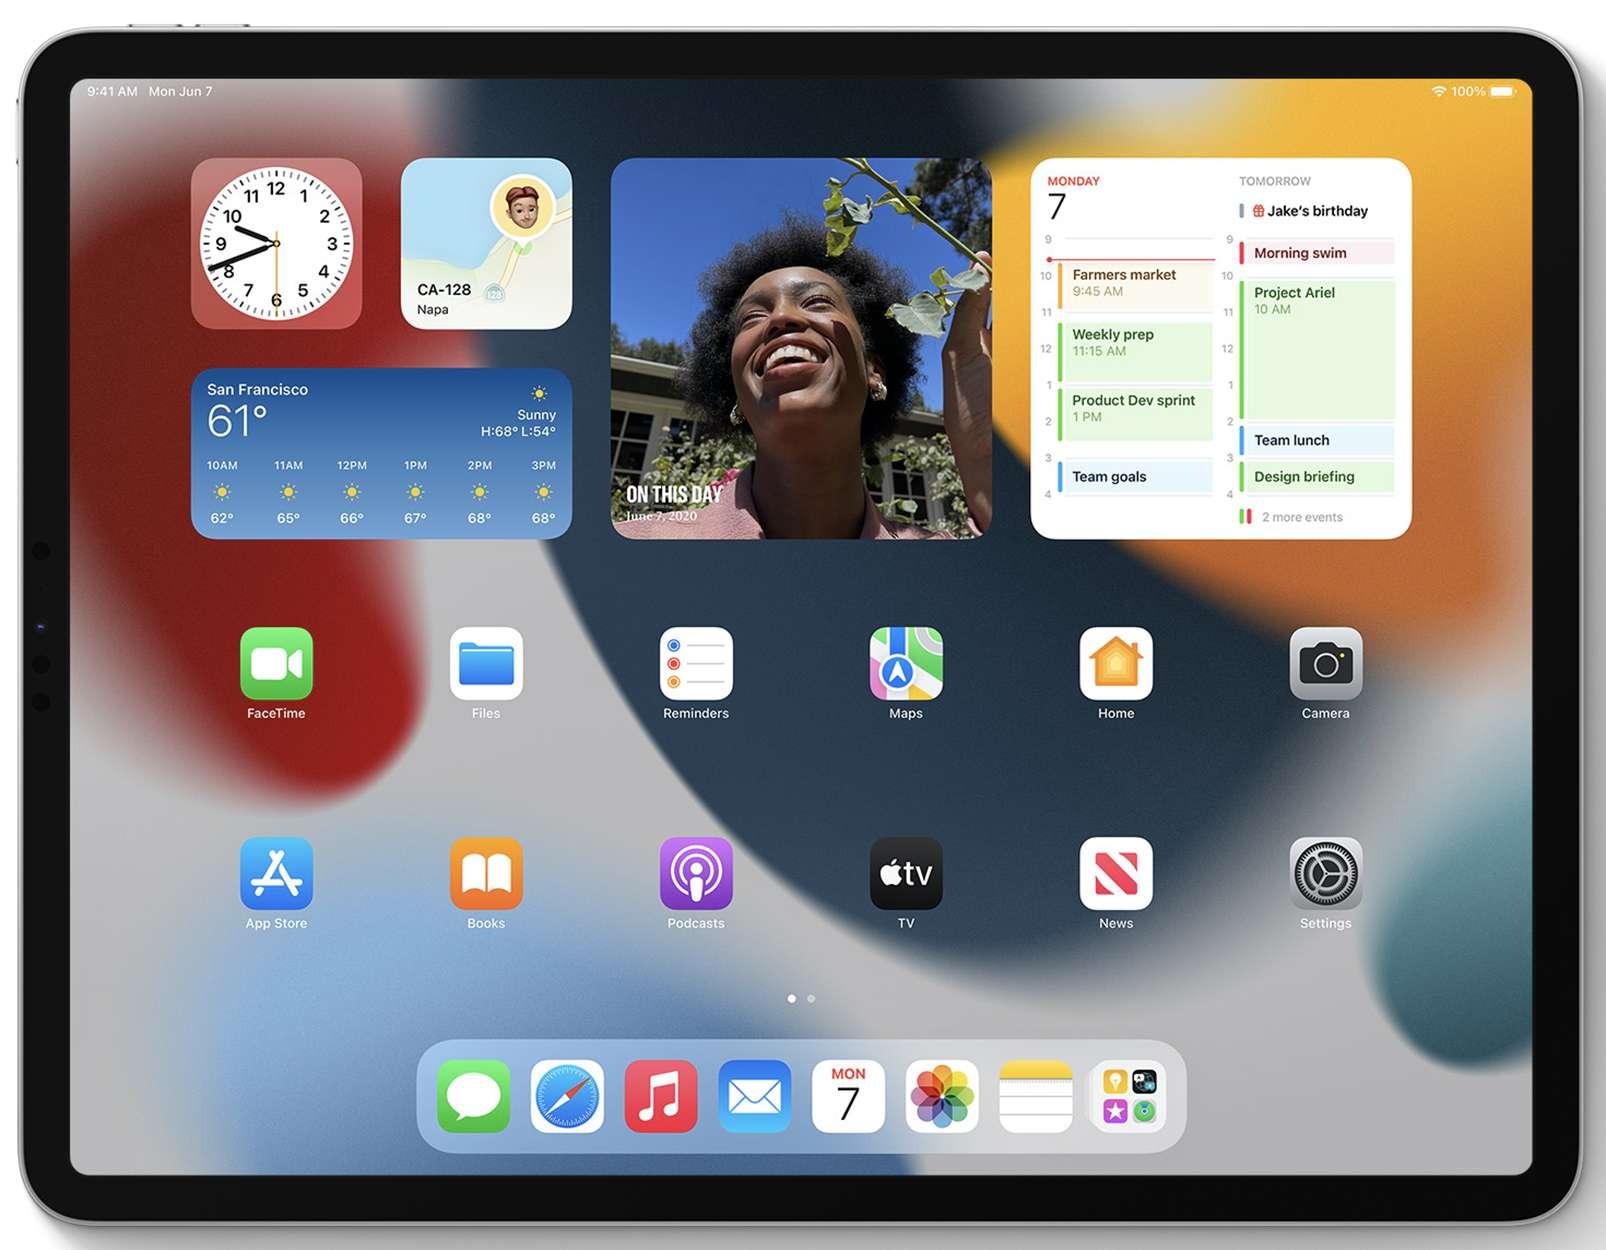 Widgets on the iPad homescreen in iPadOS 15